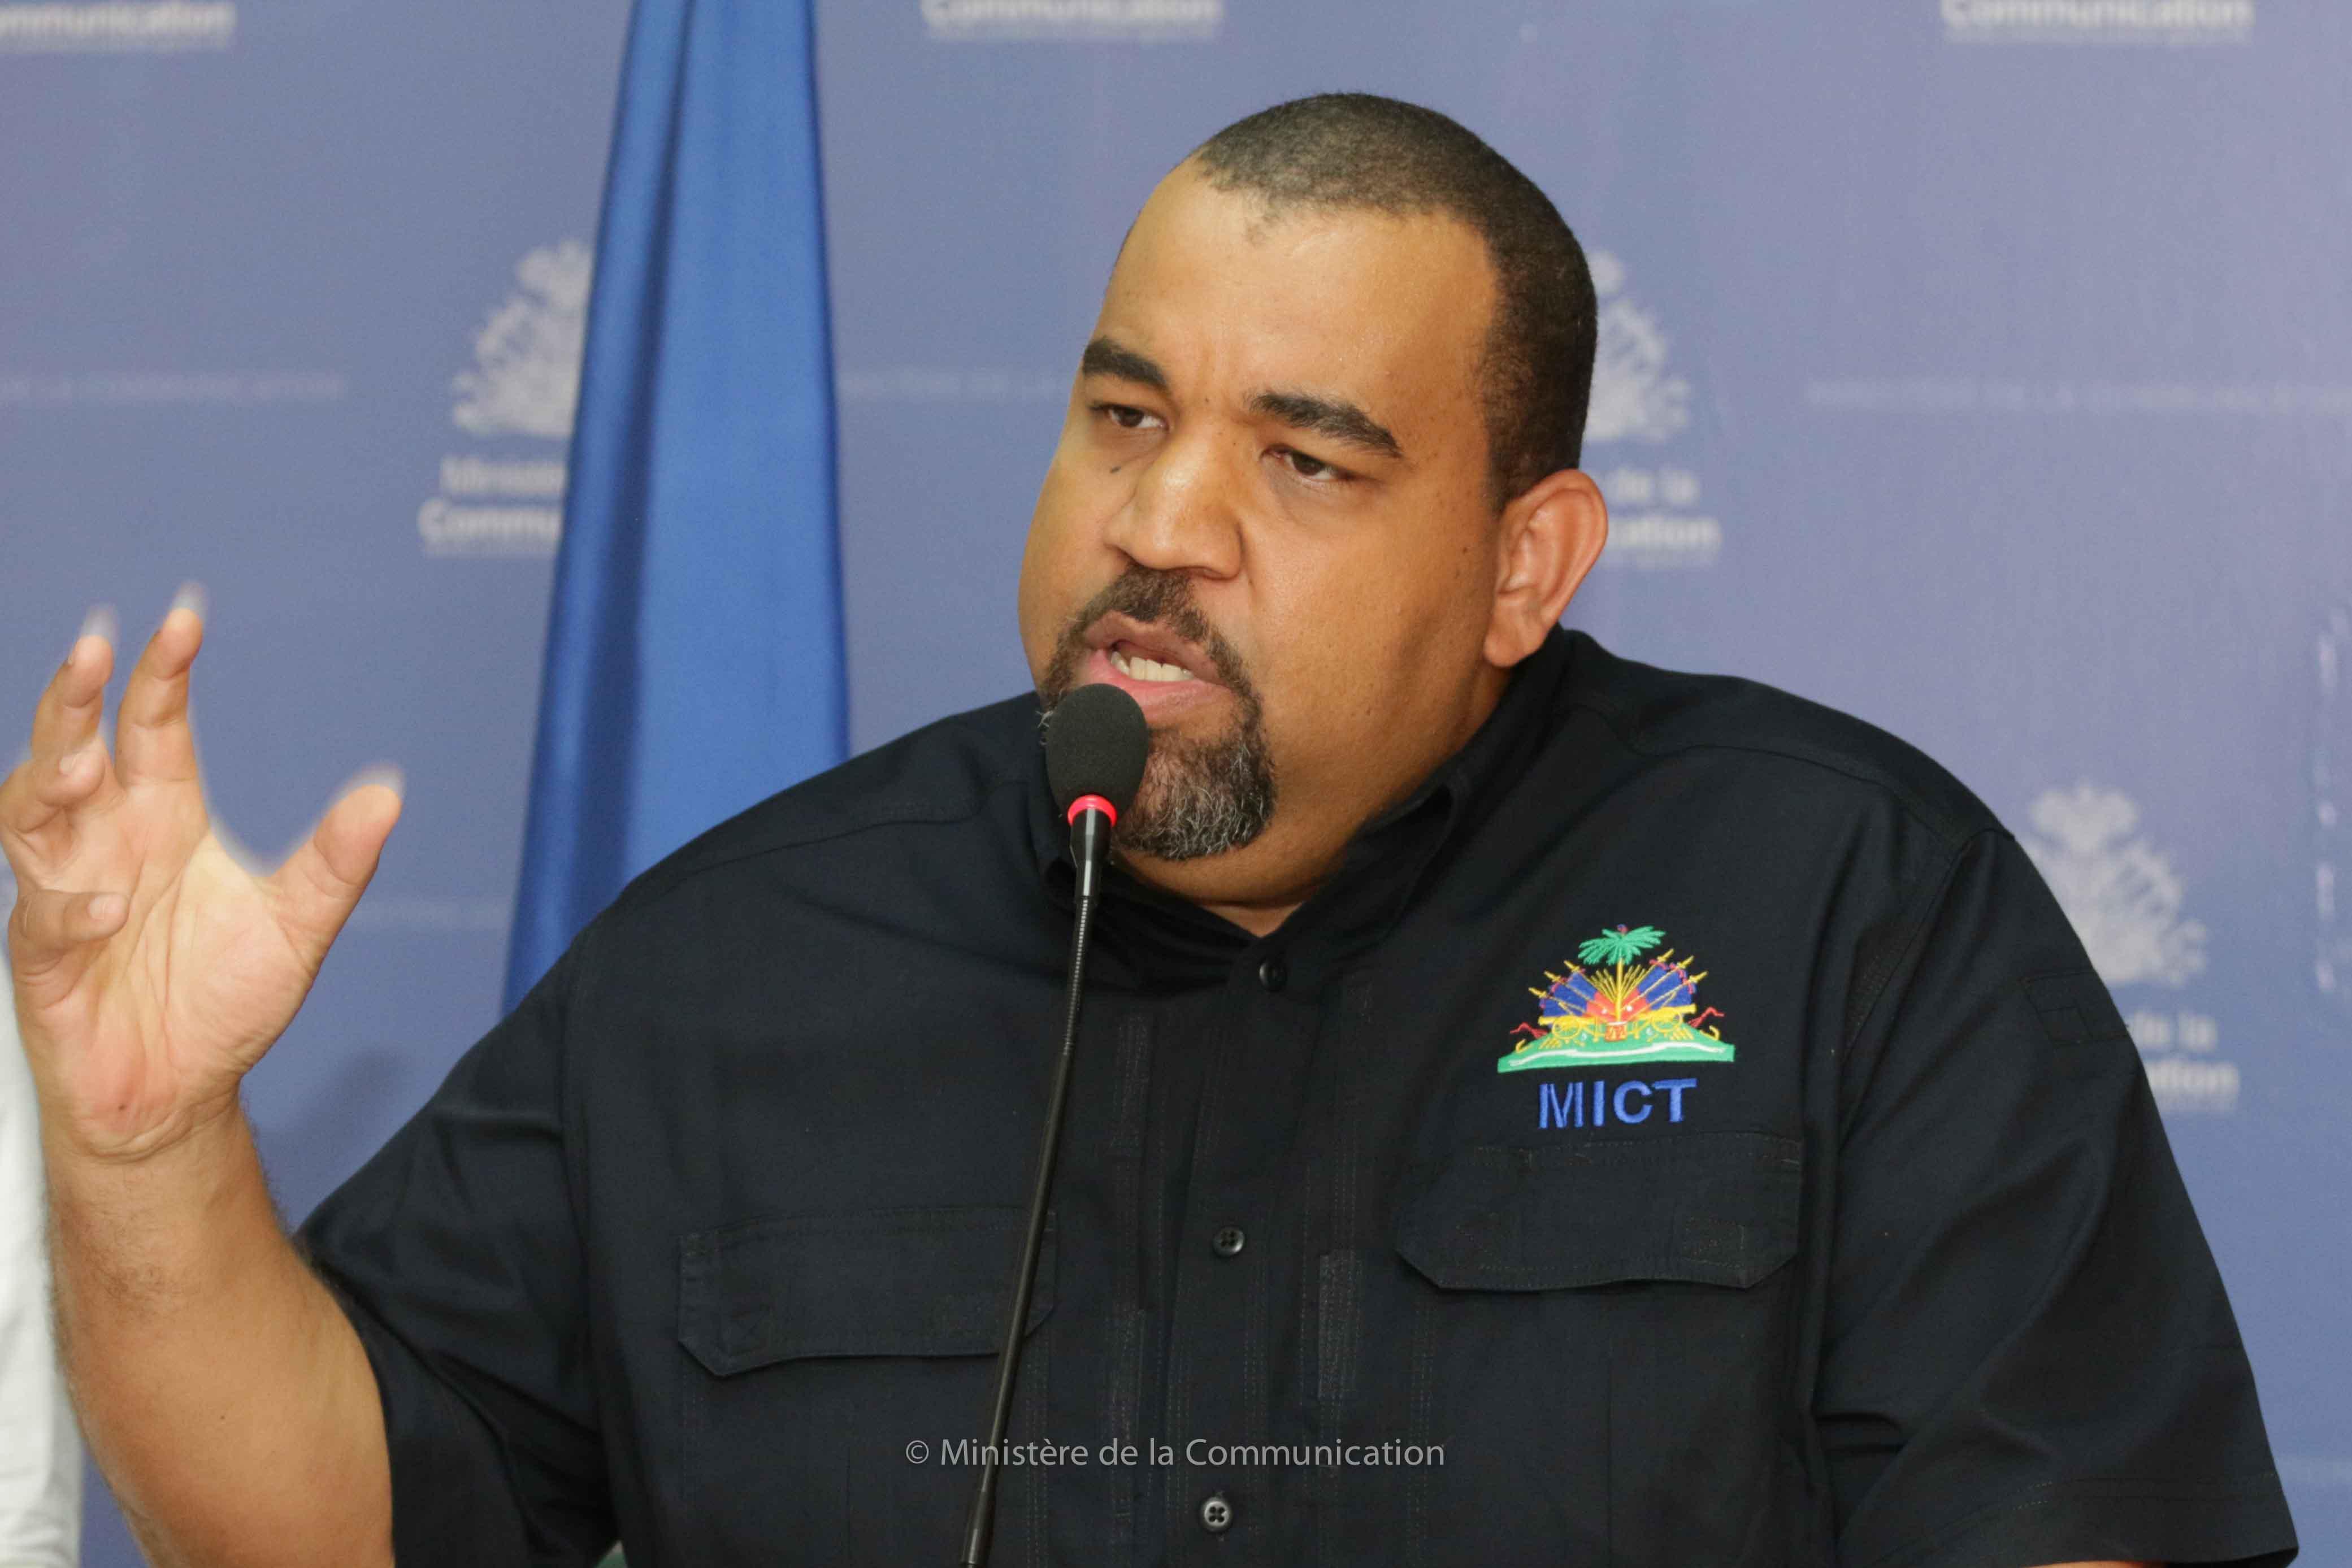 Le Ministre de l'Intérieur des Collectivités Territoriales Max Rudolph St Albin. Crédit photo : Ministère de la Communication.